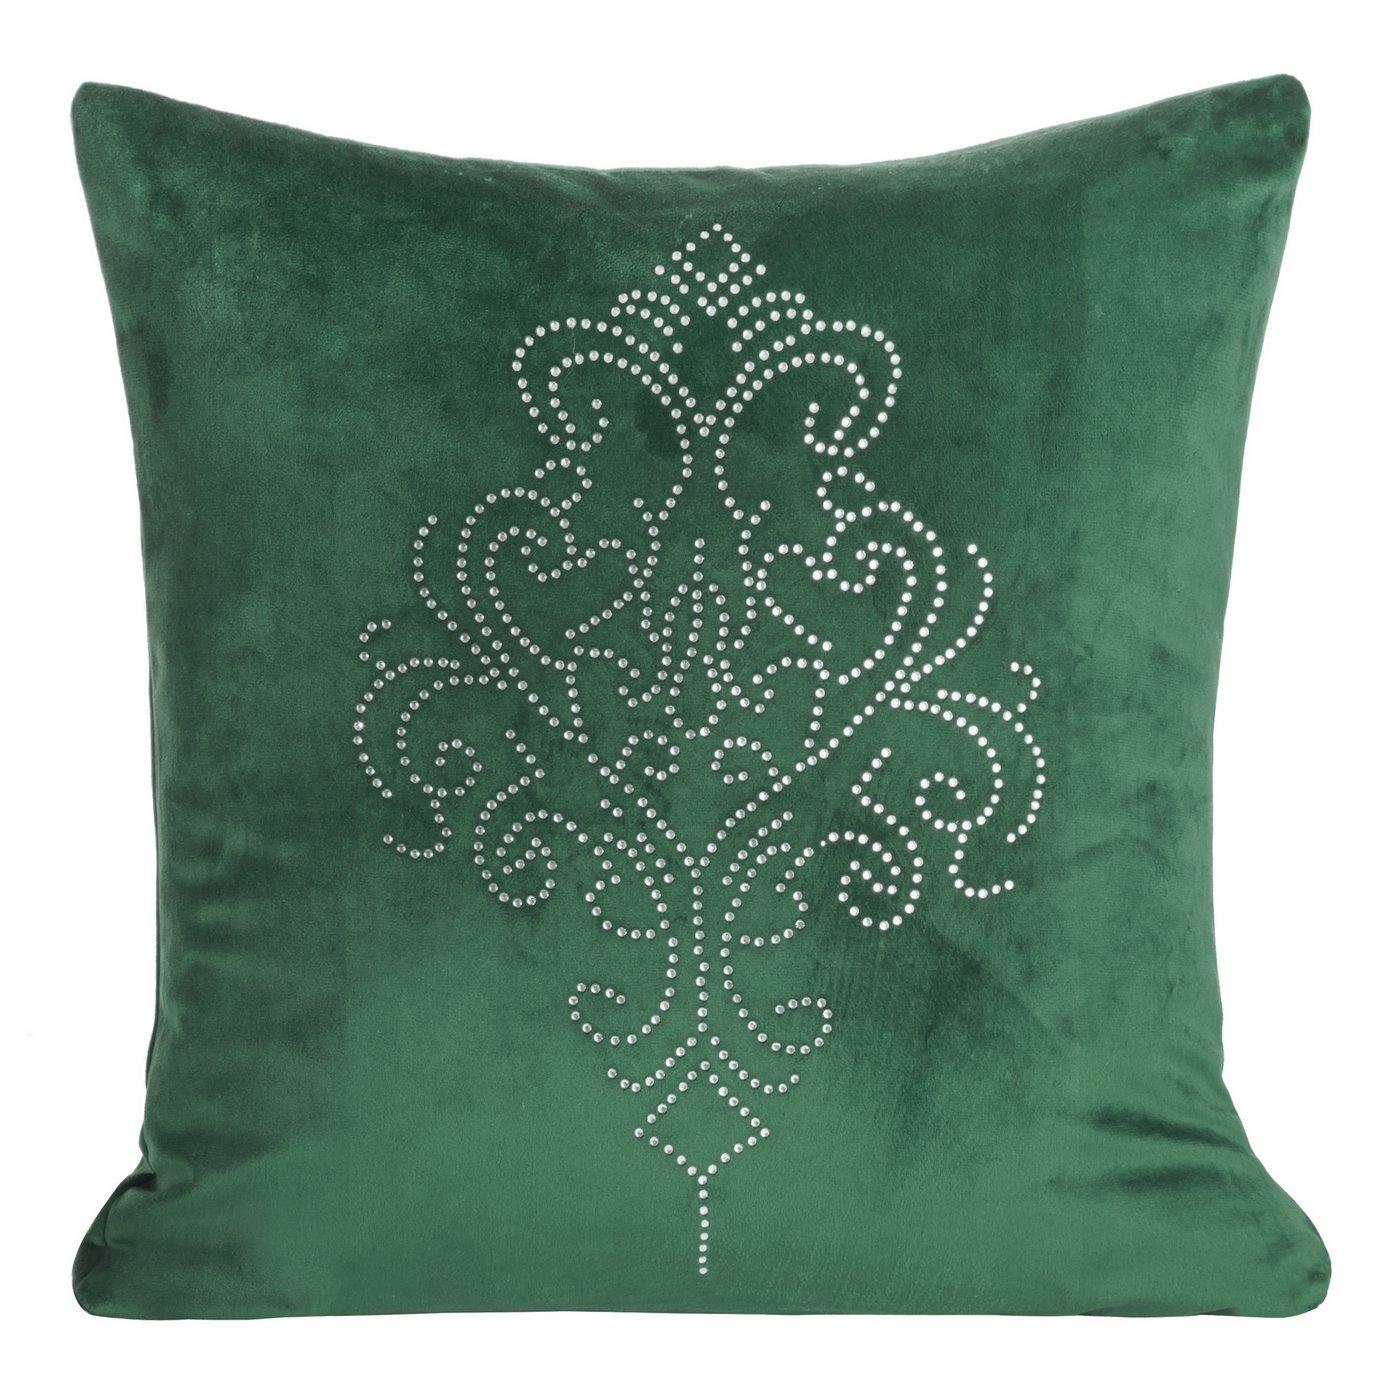 Poszewka na poduszkę 45 x 45 cm z pięknym ornamentowym wzorem z kryształków zielona